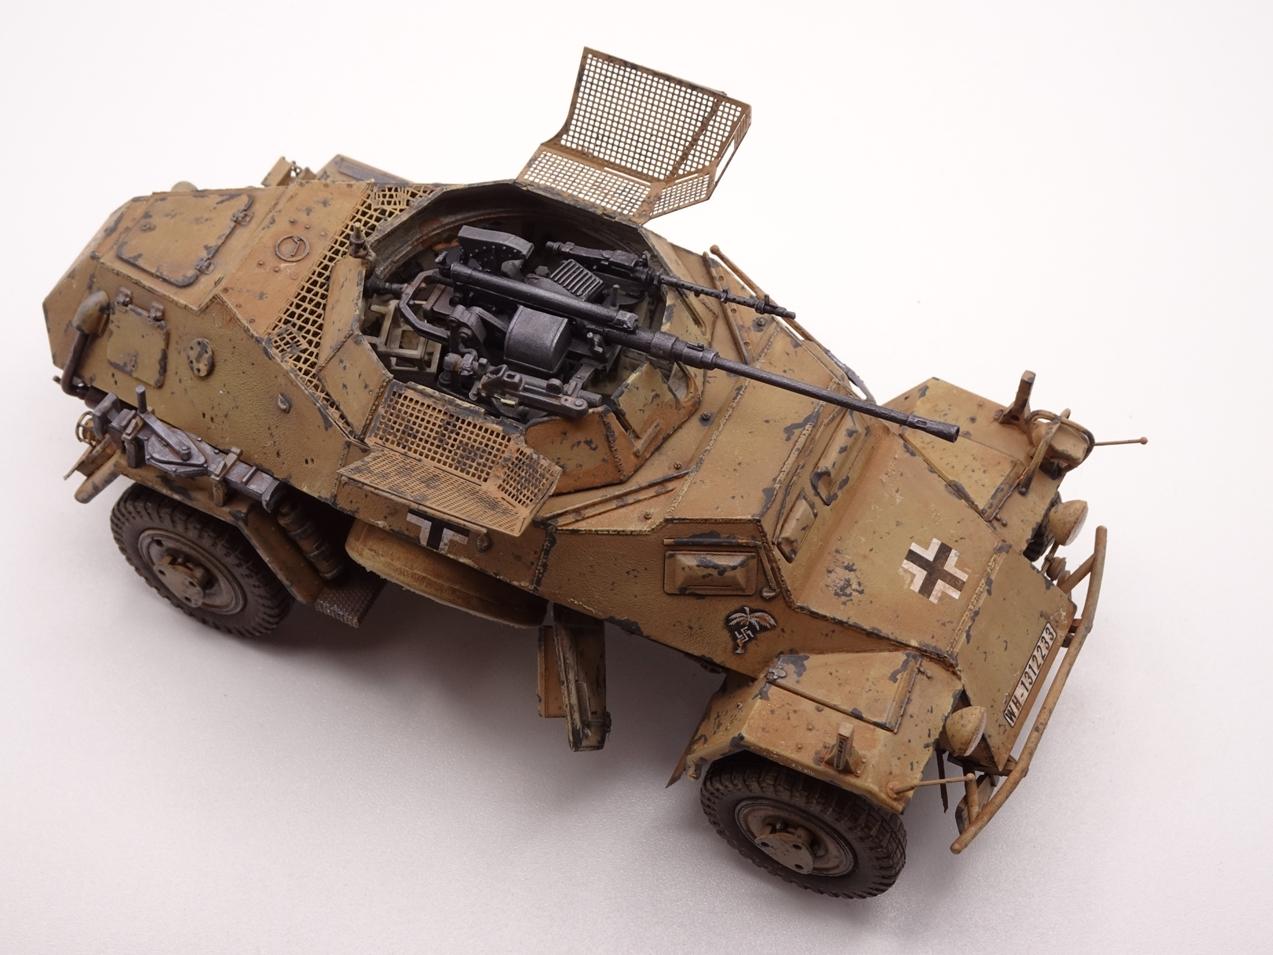 [Hobby Boss 1/35°] Sd.Kfz. 222 Leichter Panzerspähwagen - Page 3 222-fin-7